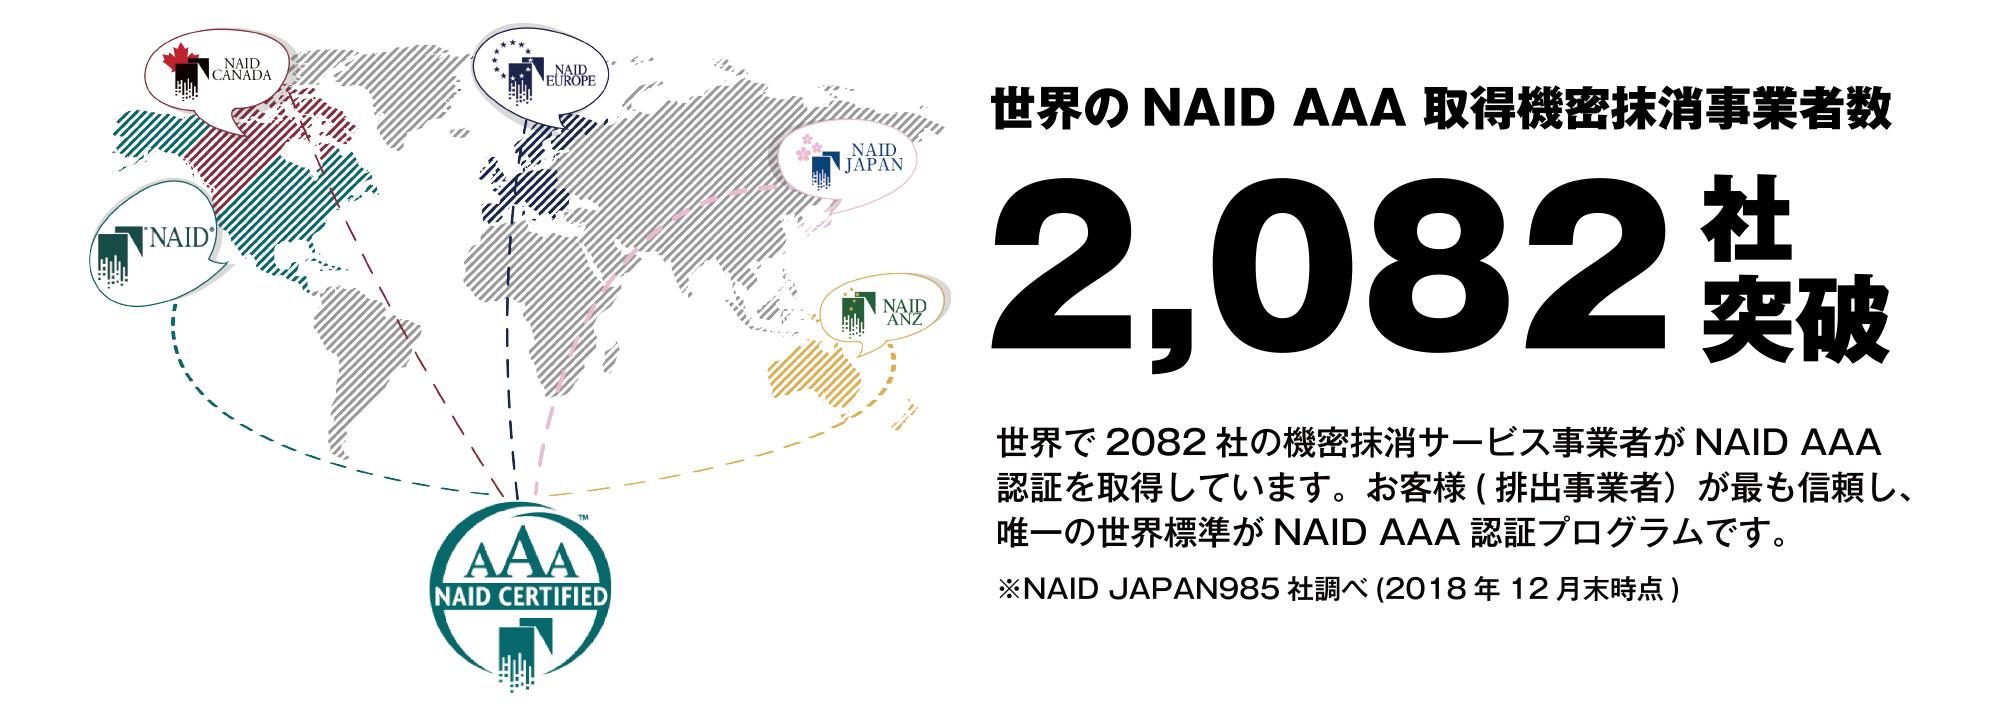 世界のNAID AAA 取得機密抹消事業者数2000社突破